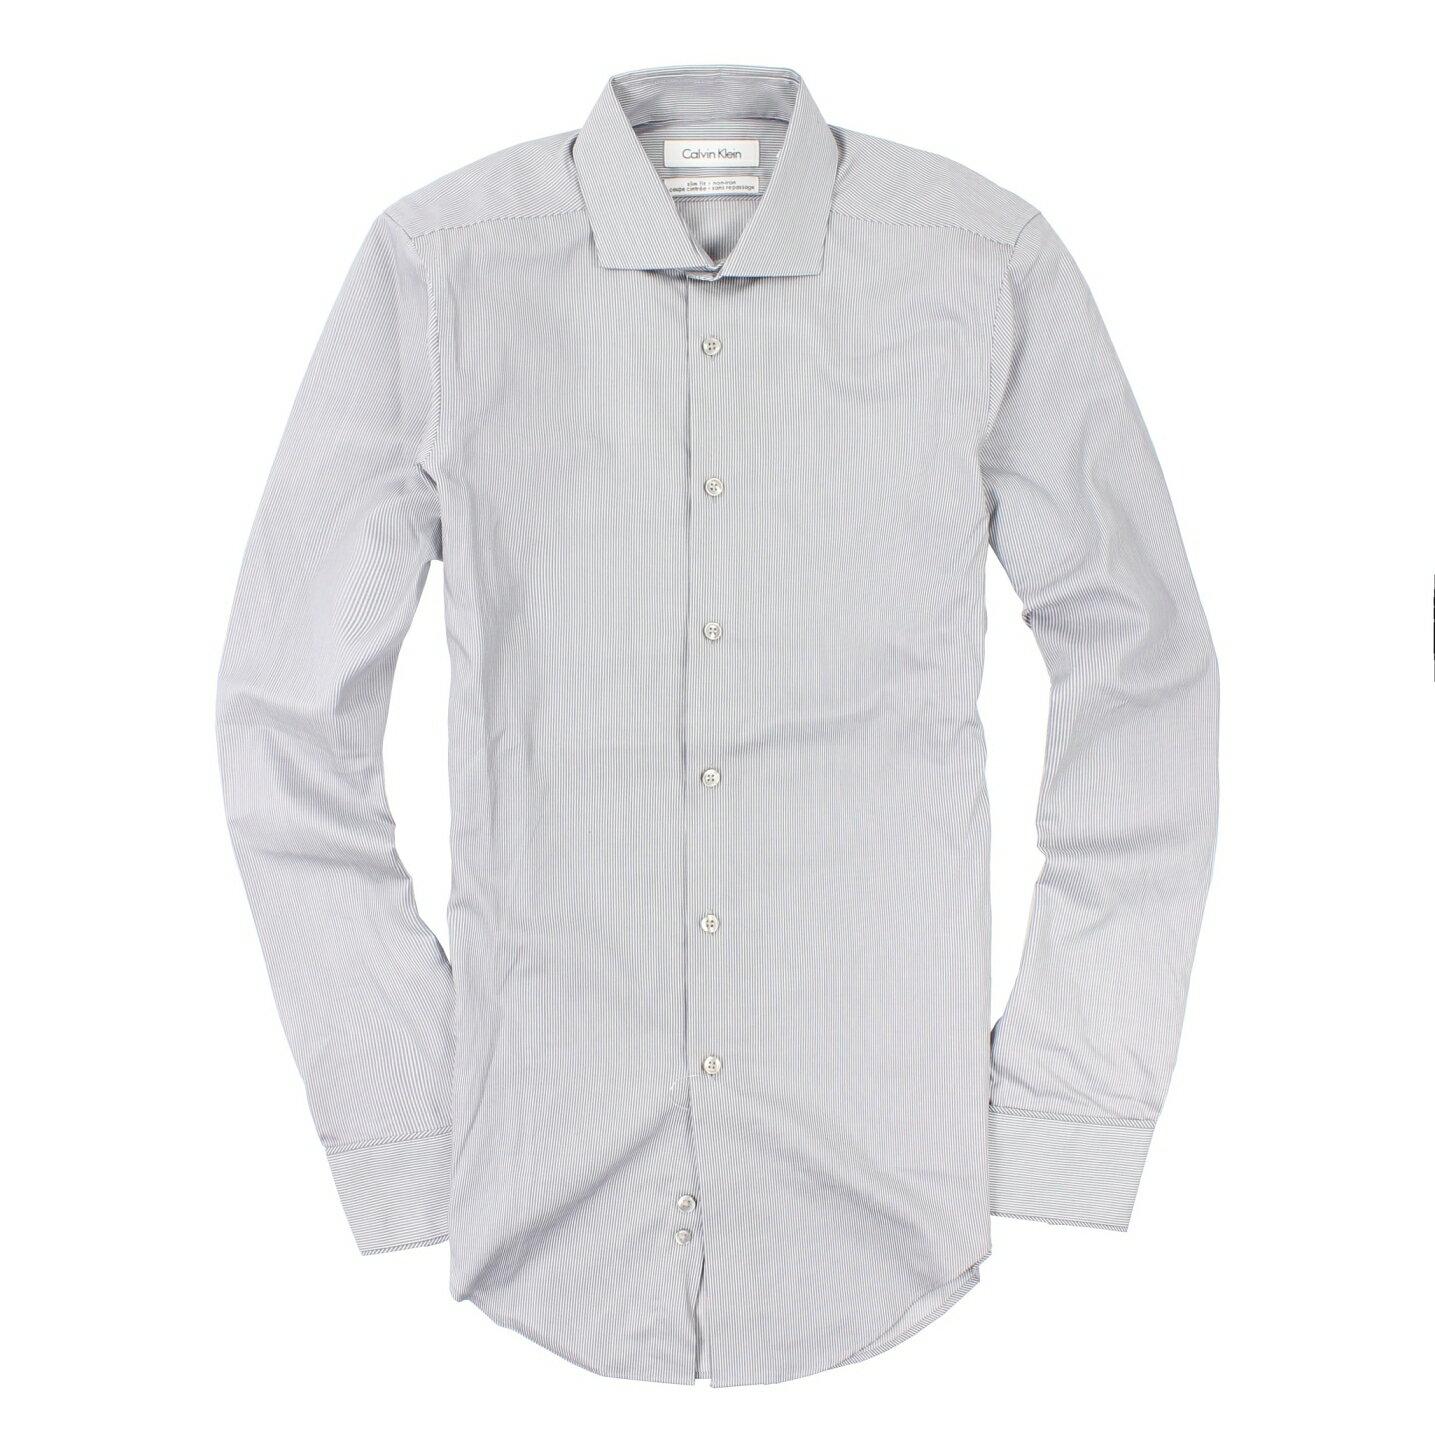 美國百分百【全新真品】Calvin Klein 襯衫 CK 長袖 上衣 上班族 灰 條紋 純棉 商務 男衣 XS L號